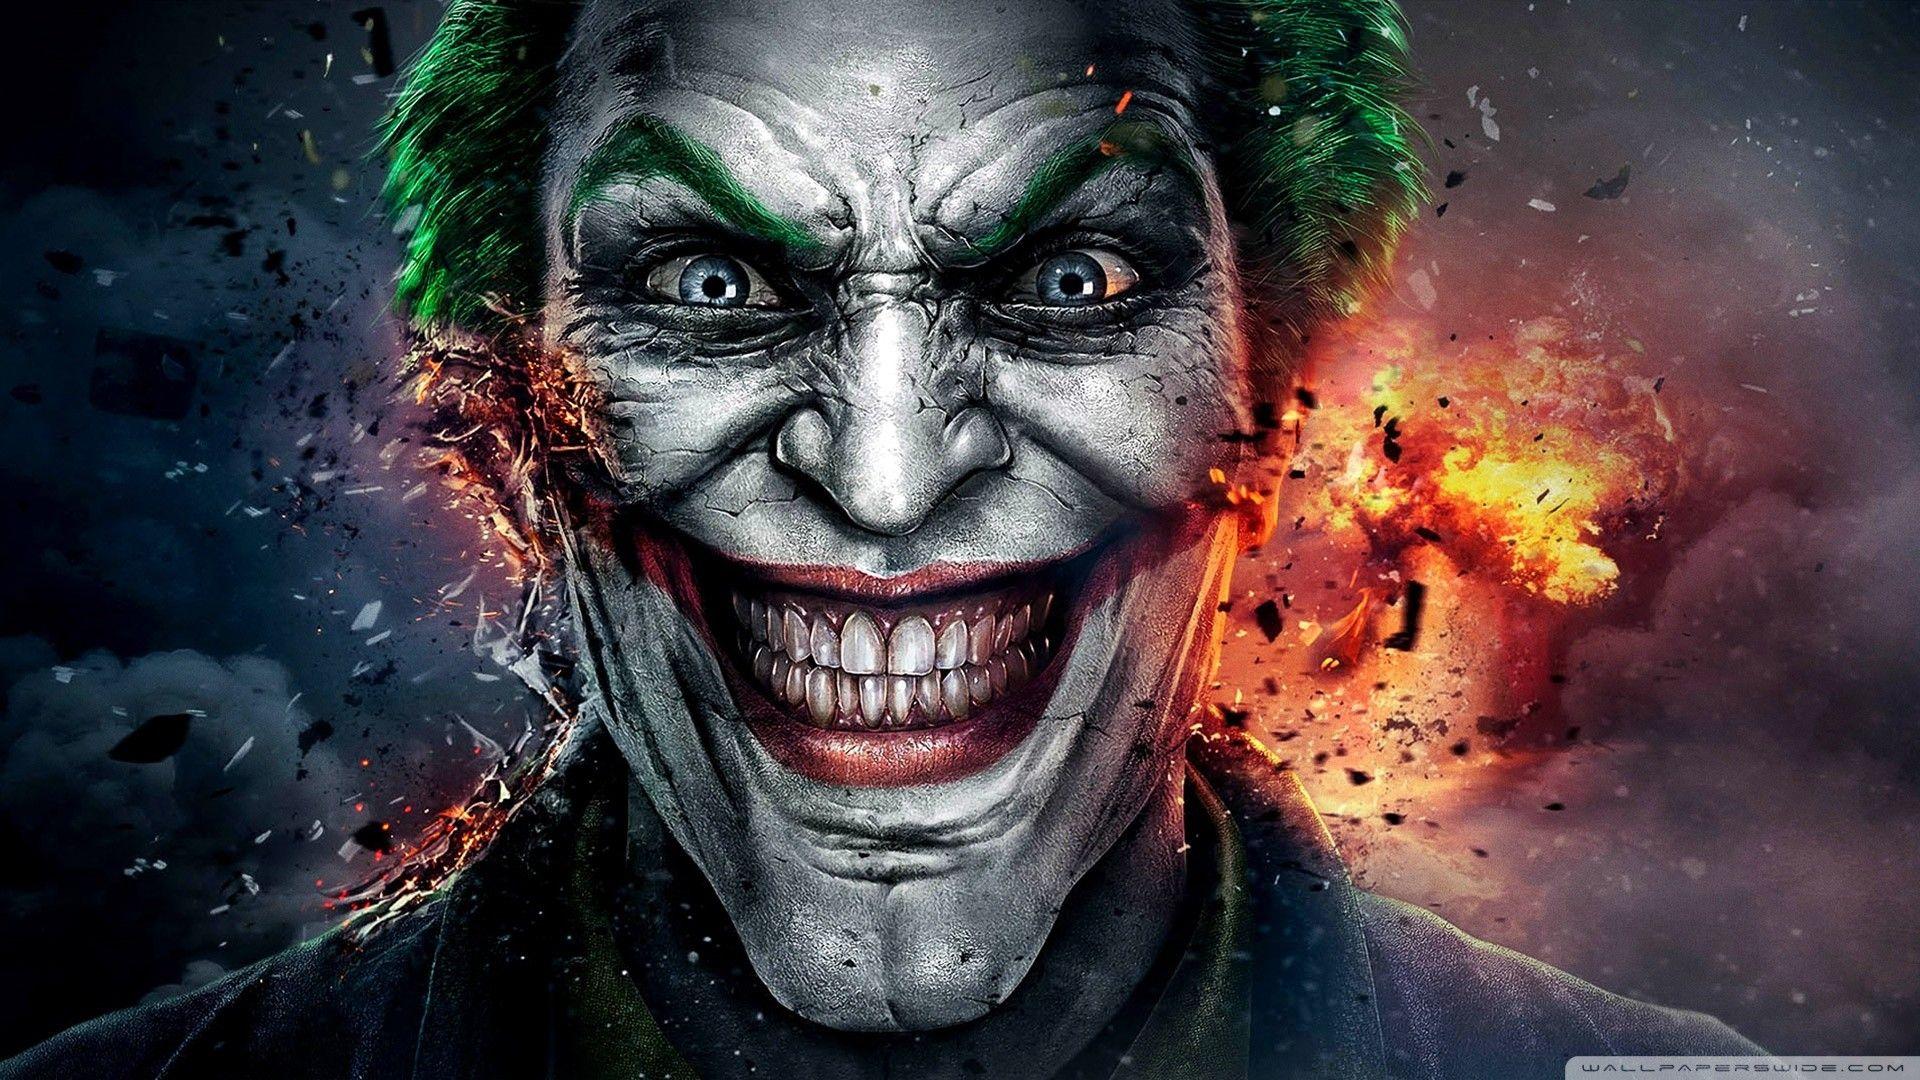 1920x1080 Standard Joker Hd Wallpaper Joker Poster Joker Wallpapers